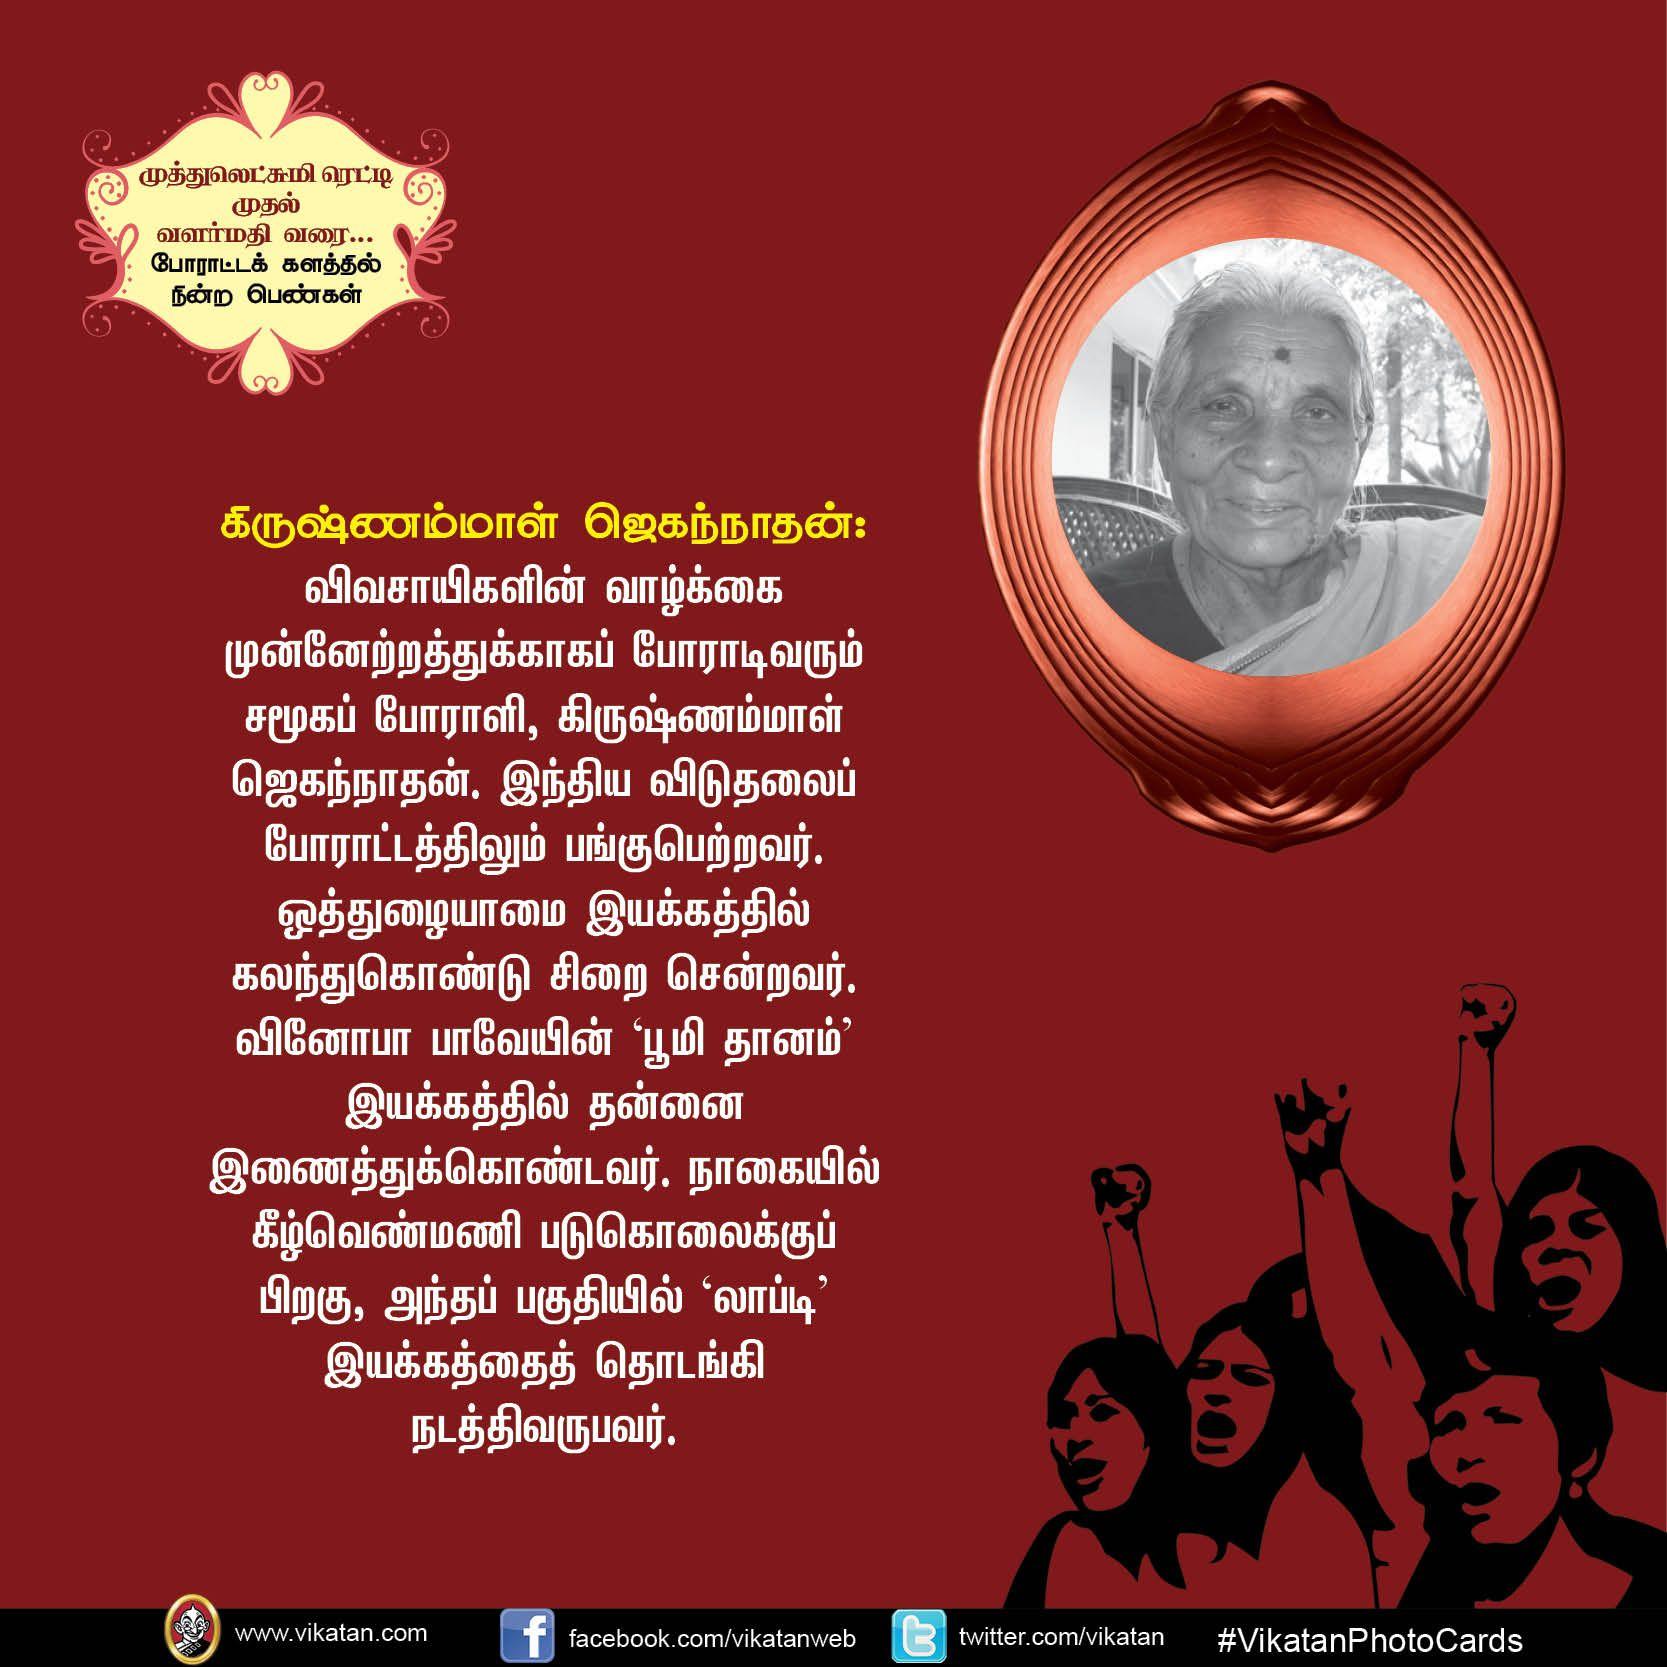 முத்துலெட்சுமி ரெட்டி முதல் வளர்மதி வரை... போராட்டக் களத்தில் நின்ற பெண்கள் #VikatanPhotoCards